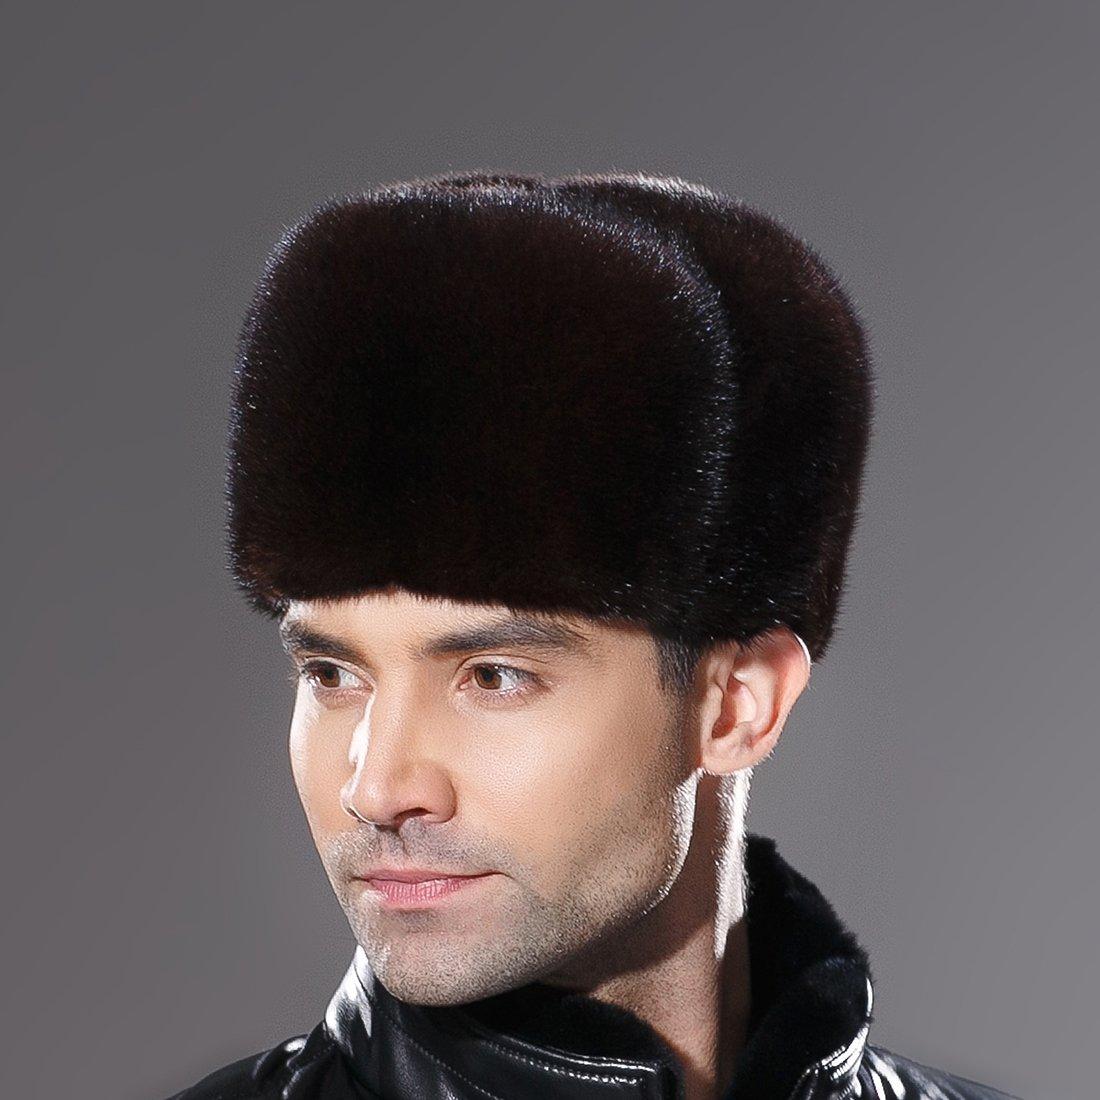 URSFUR Russian Fur Ushanka Hat Mens Winter Real Min Fur Trapper Cap Brown L by URSFUR (Image #2)